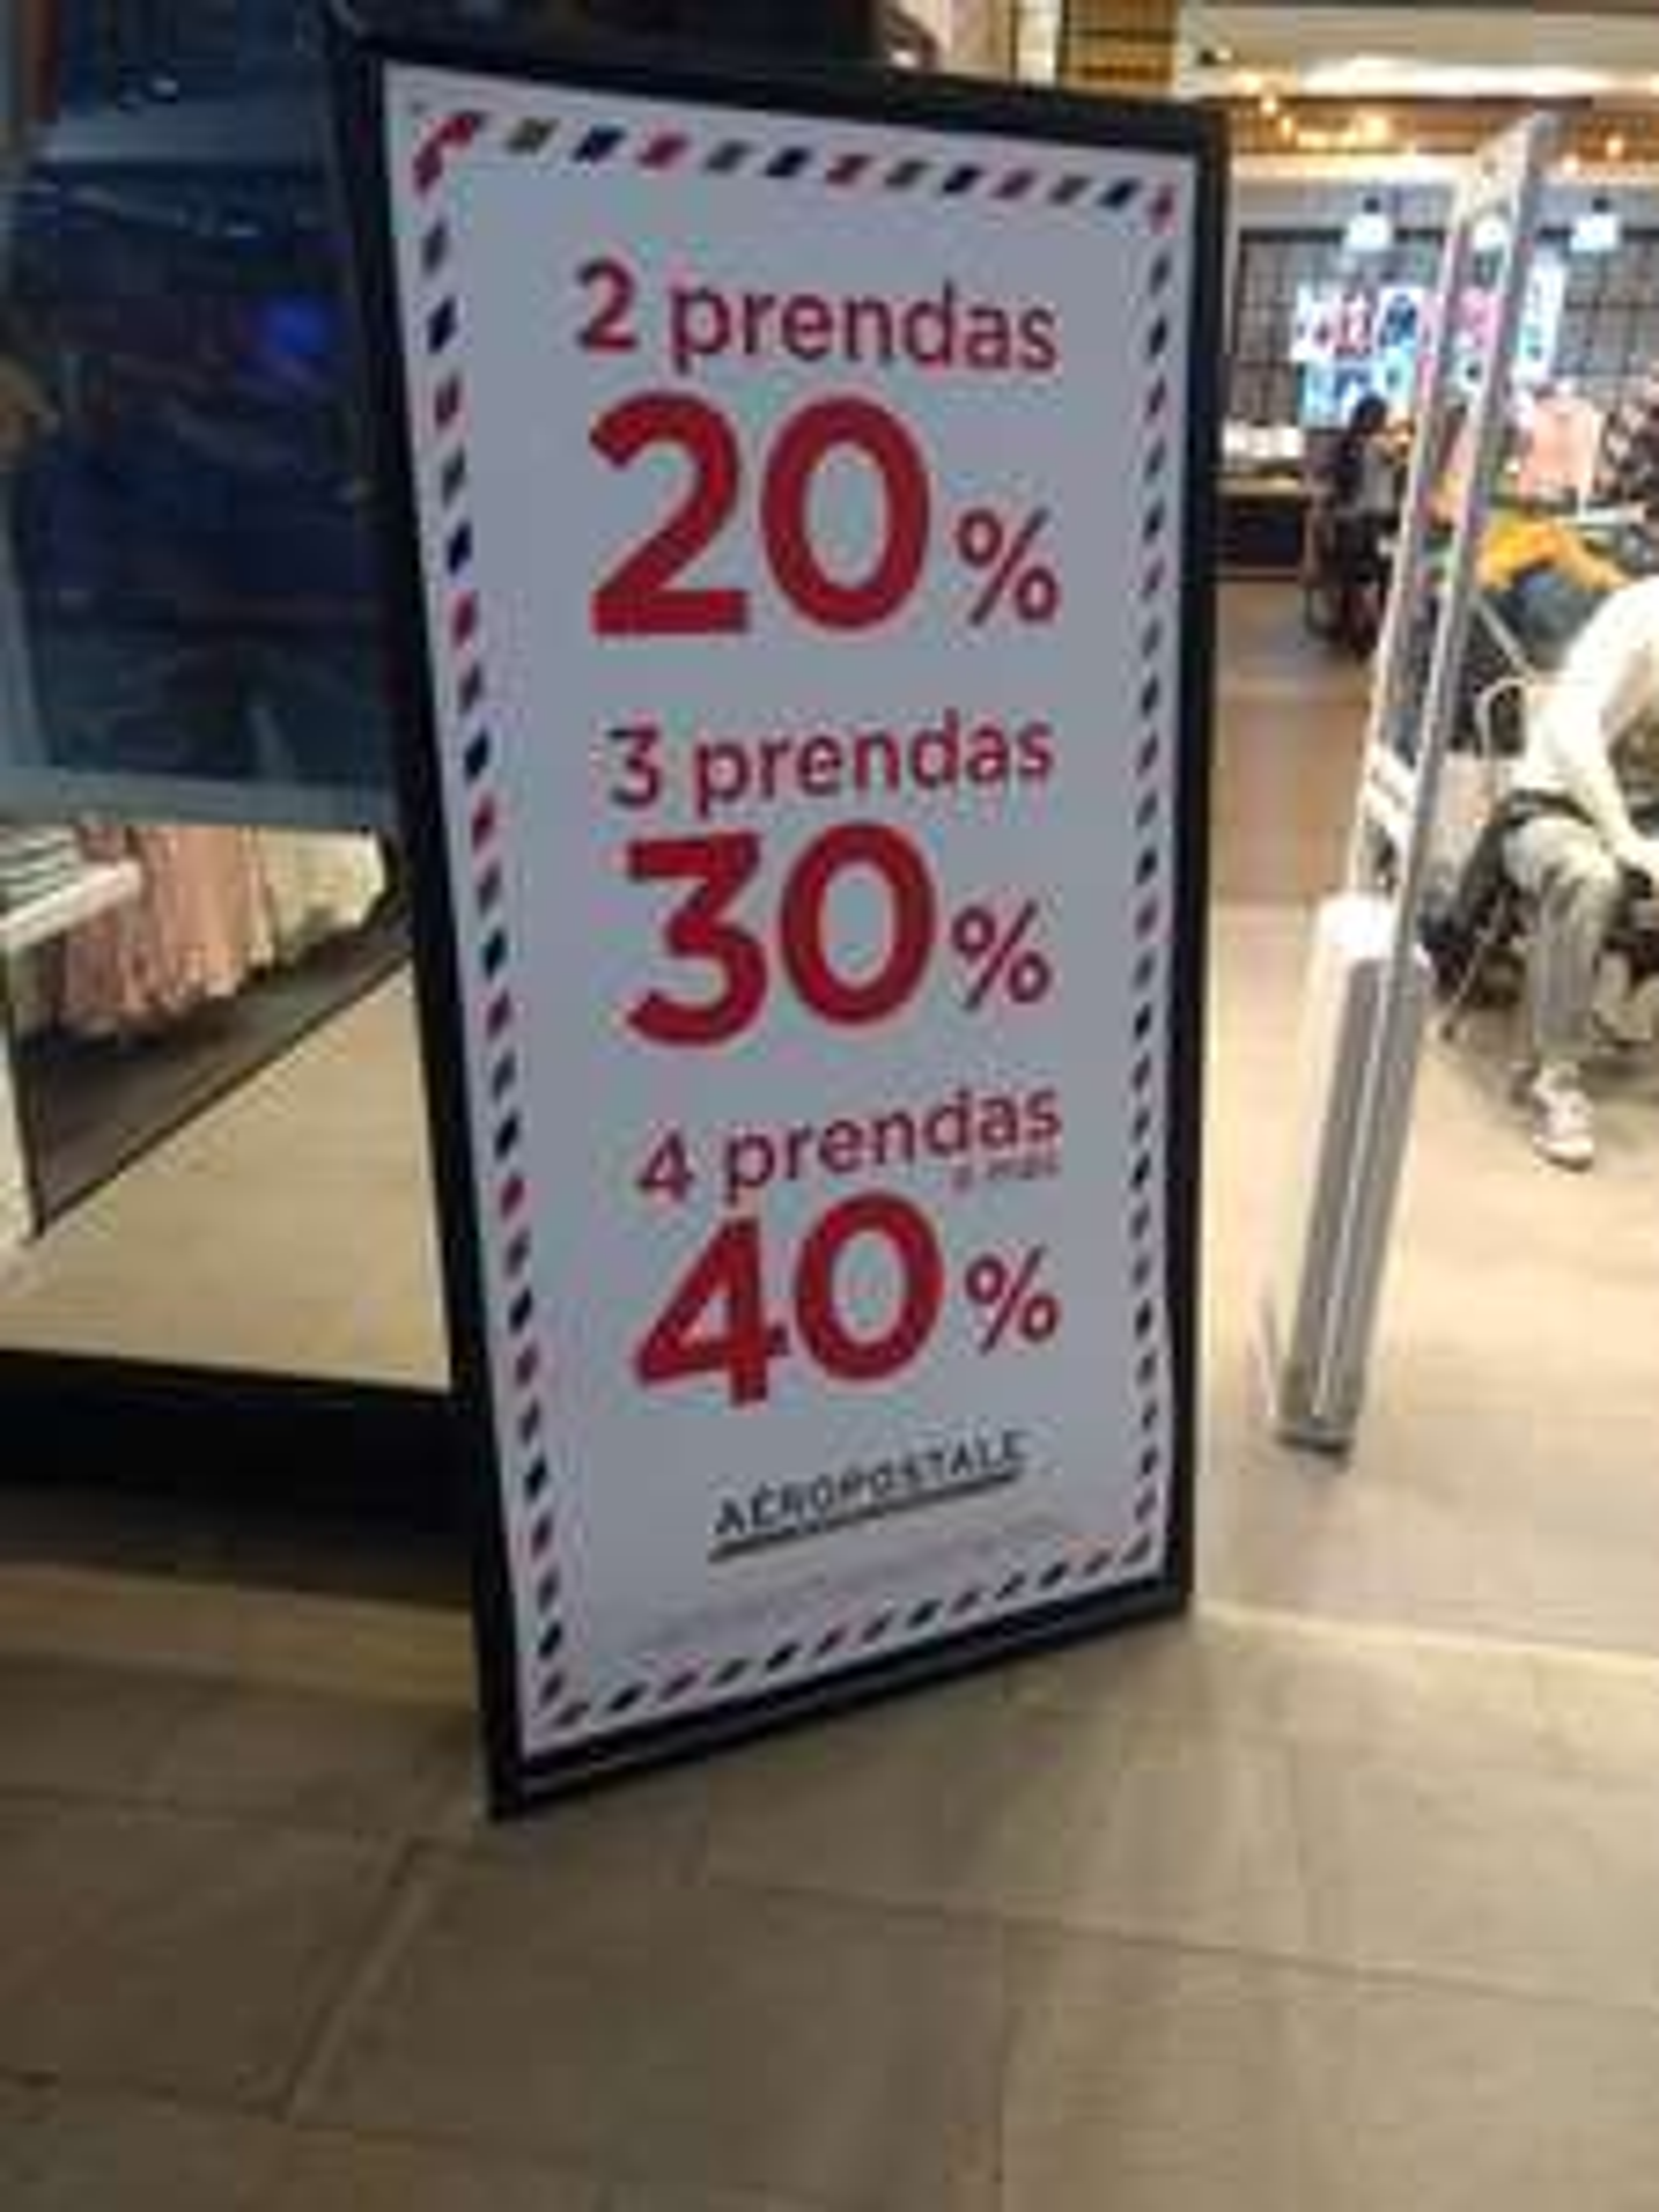 AEROPOSTALE: hasta un 40% descuento en 4 prendas o más.